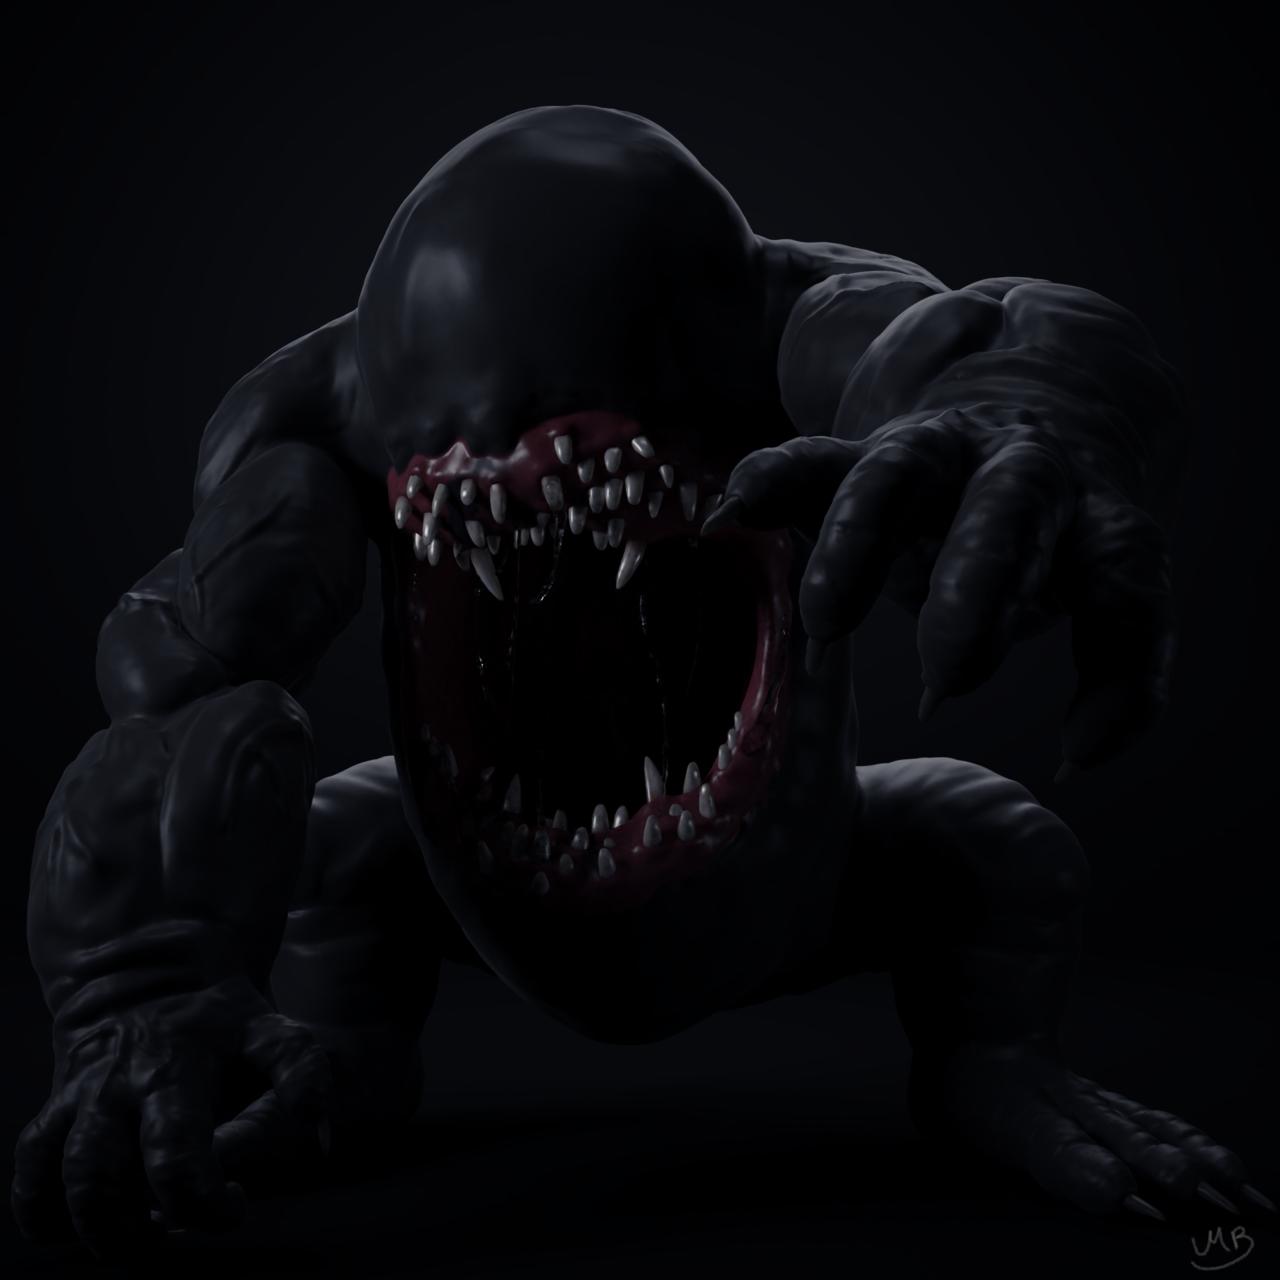 Monster (Sculpt january 2018 day #6 - Monster)